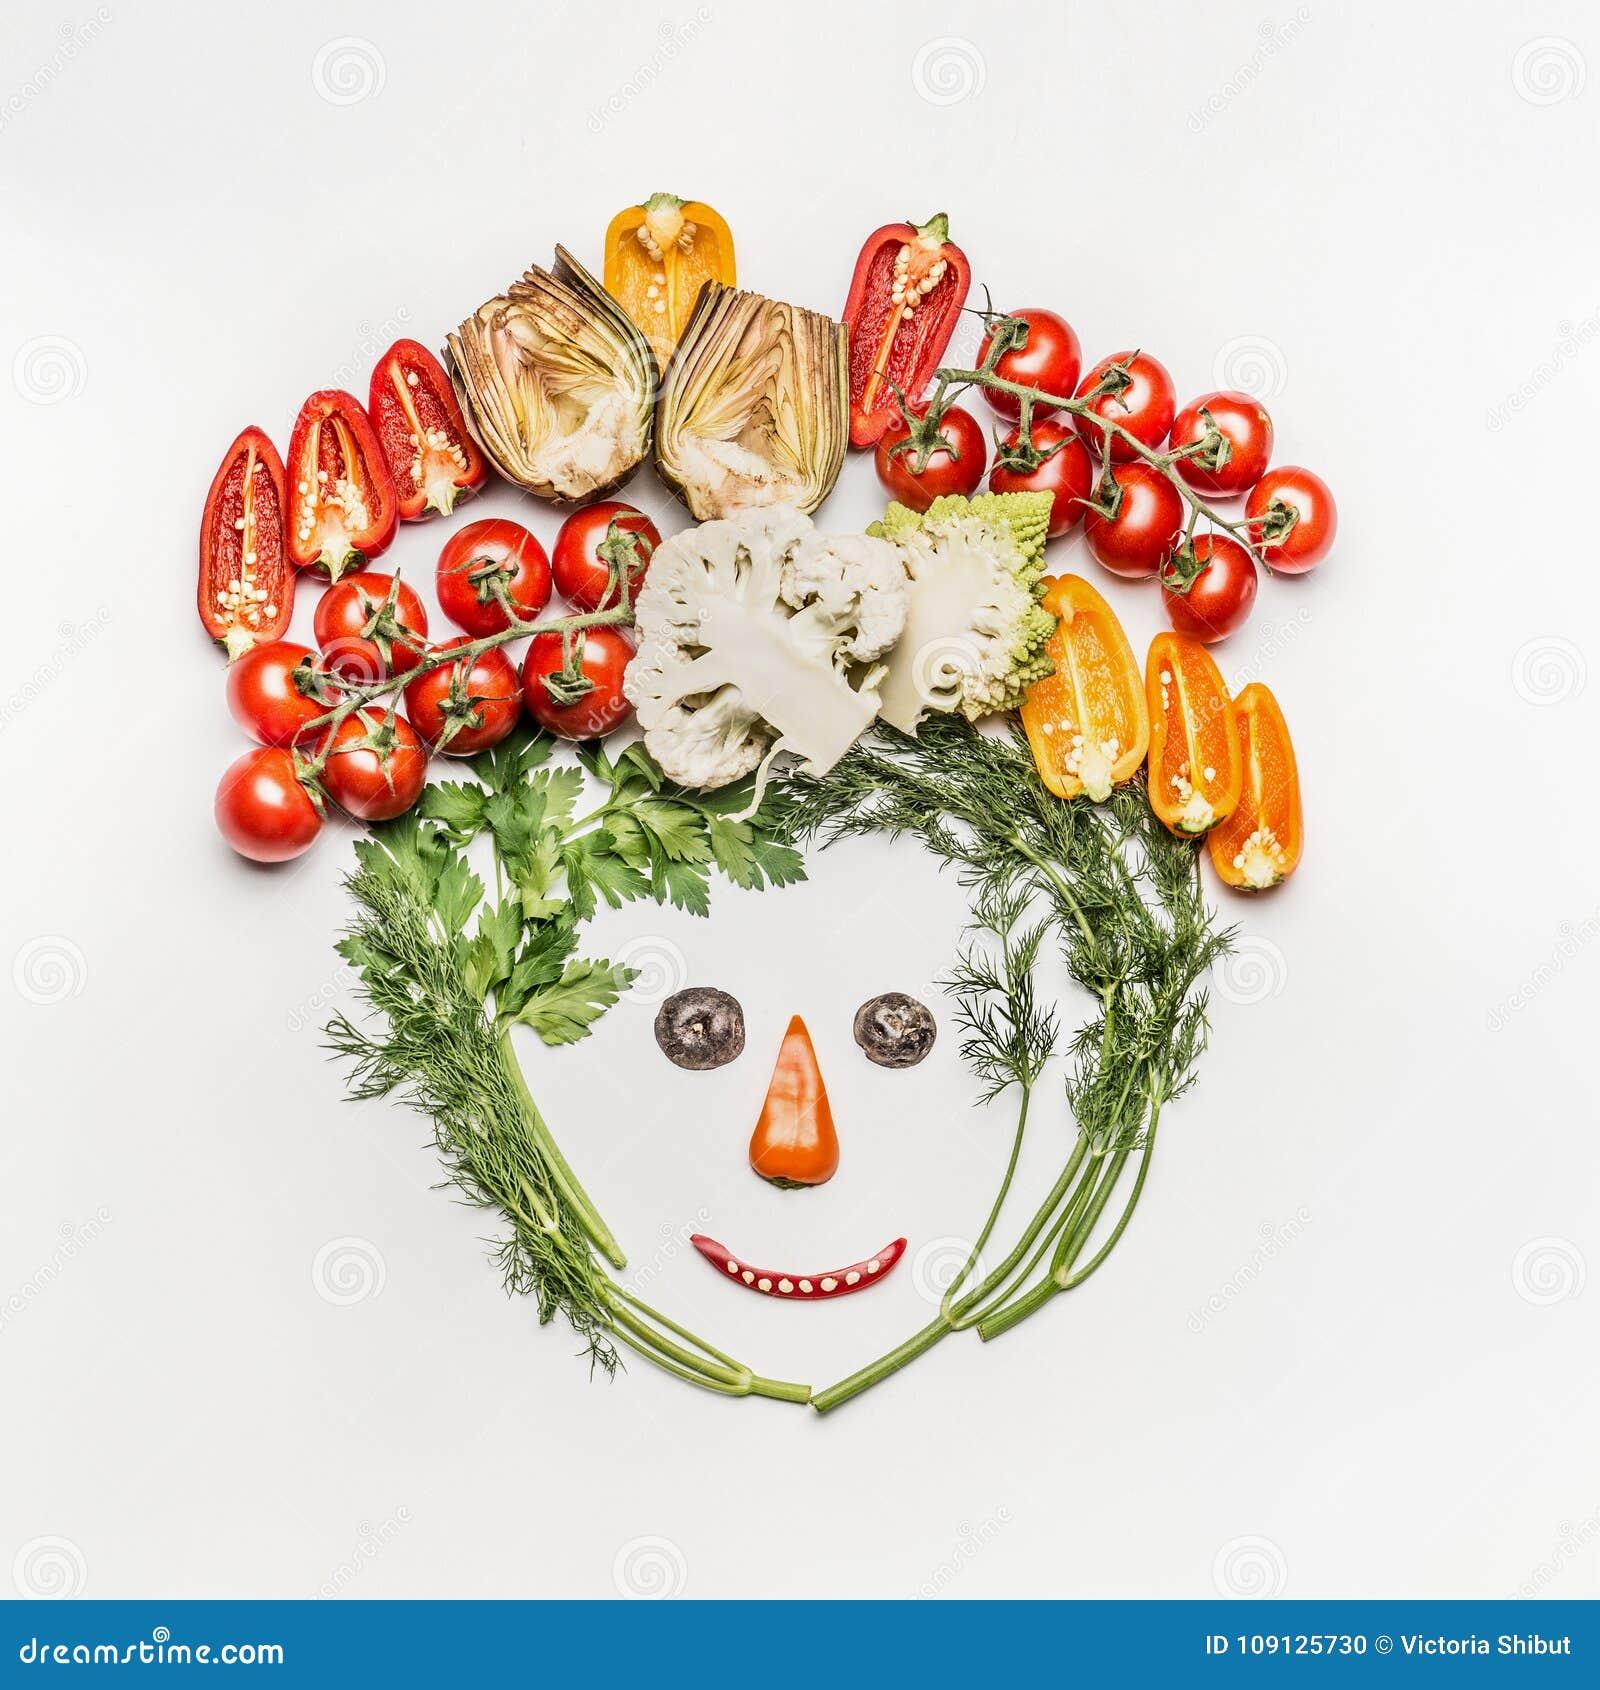 Cara divertida hecha de diversas verduras frescas en el fondo blanco, visión superior